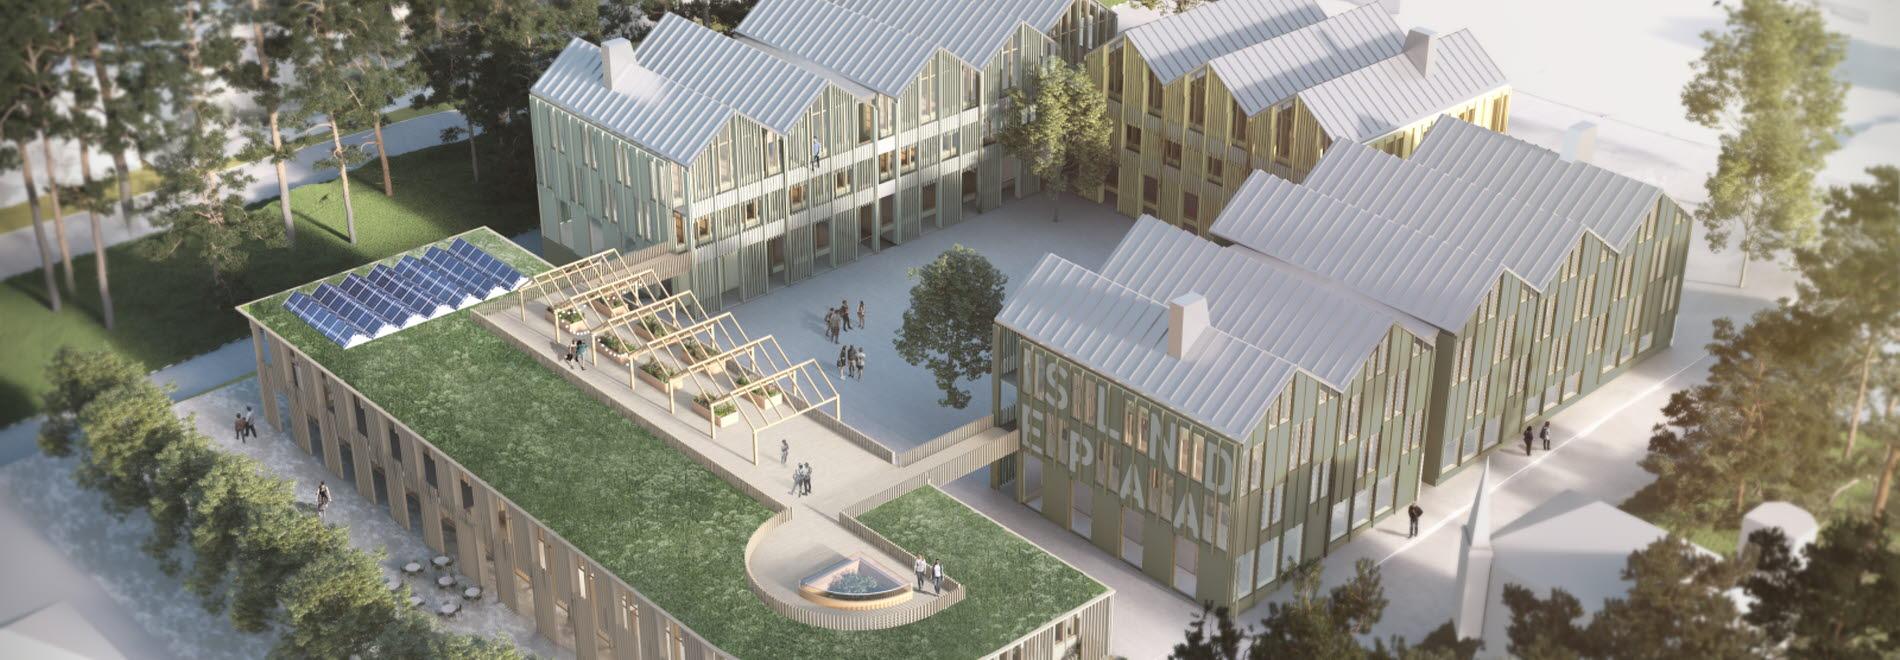 Högstadieskola Arvika